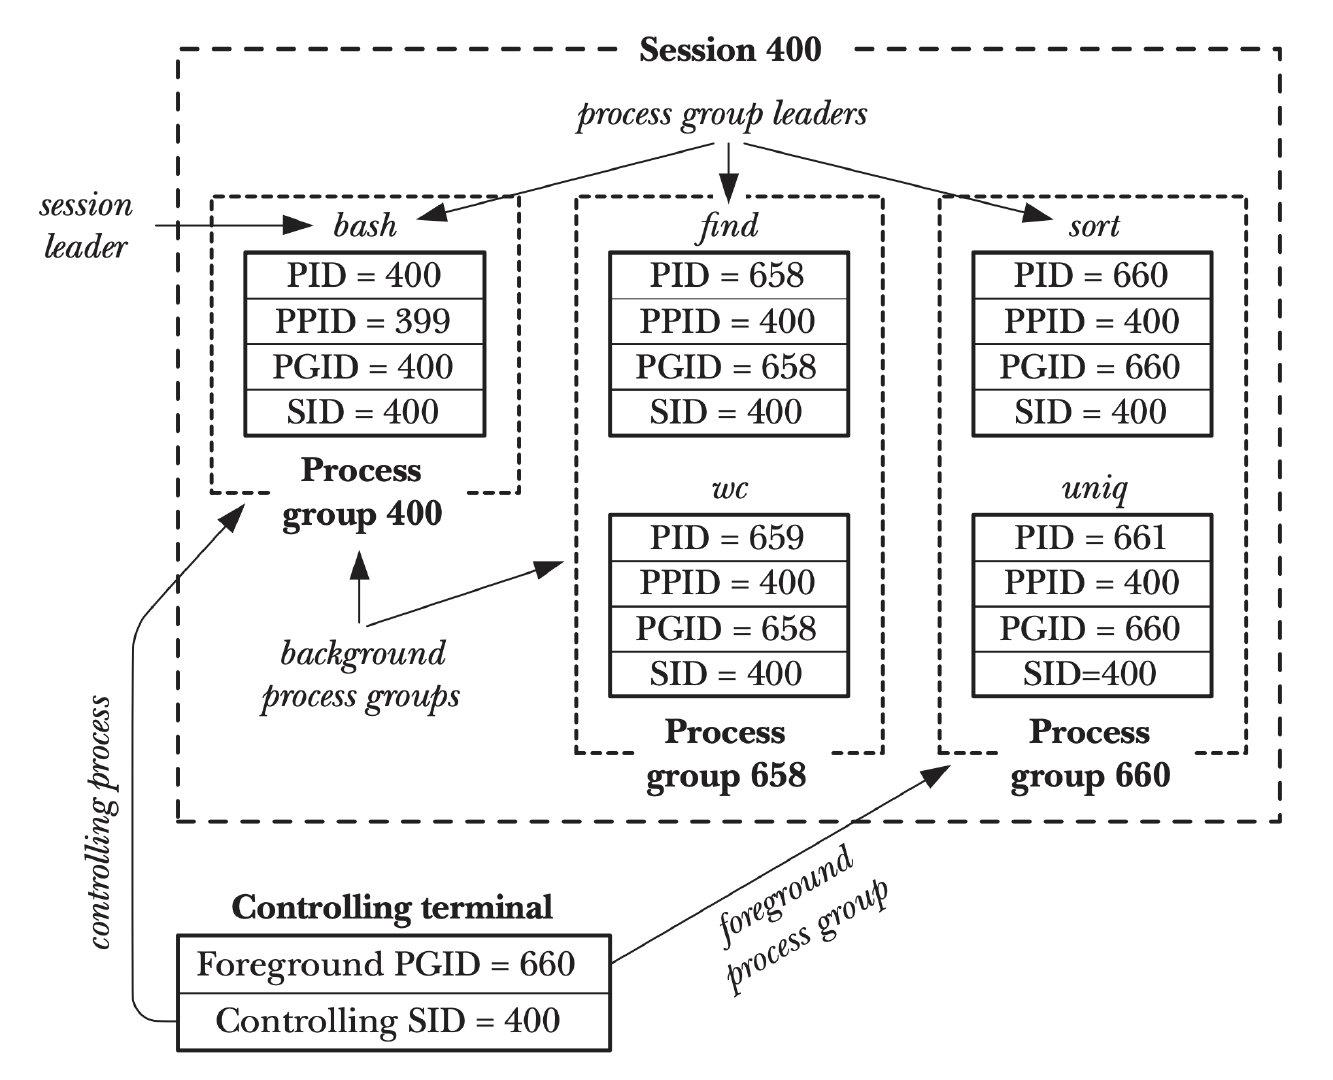 进程组、会话和控制终端之间的关系